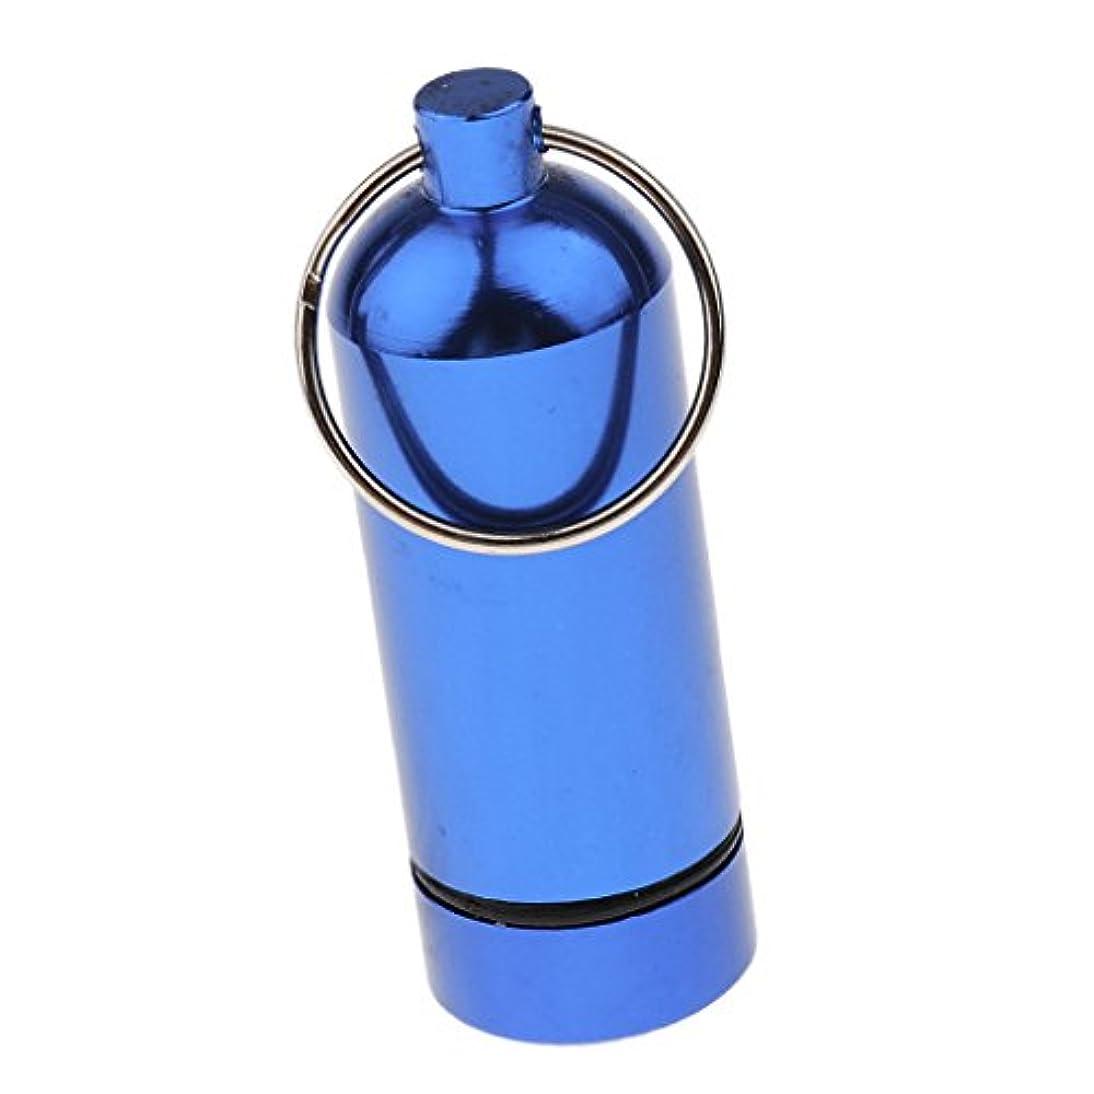 管理するベンチ水星Fenteer アルミニウム合金 防水 ピルケース ボックス 錠剤ボトル キーリング付き 釣り キャンプ 屋外活動用 5色選べる - 青